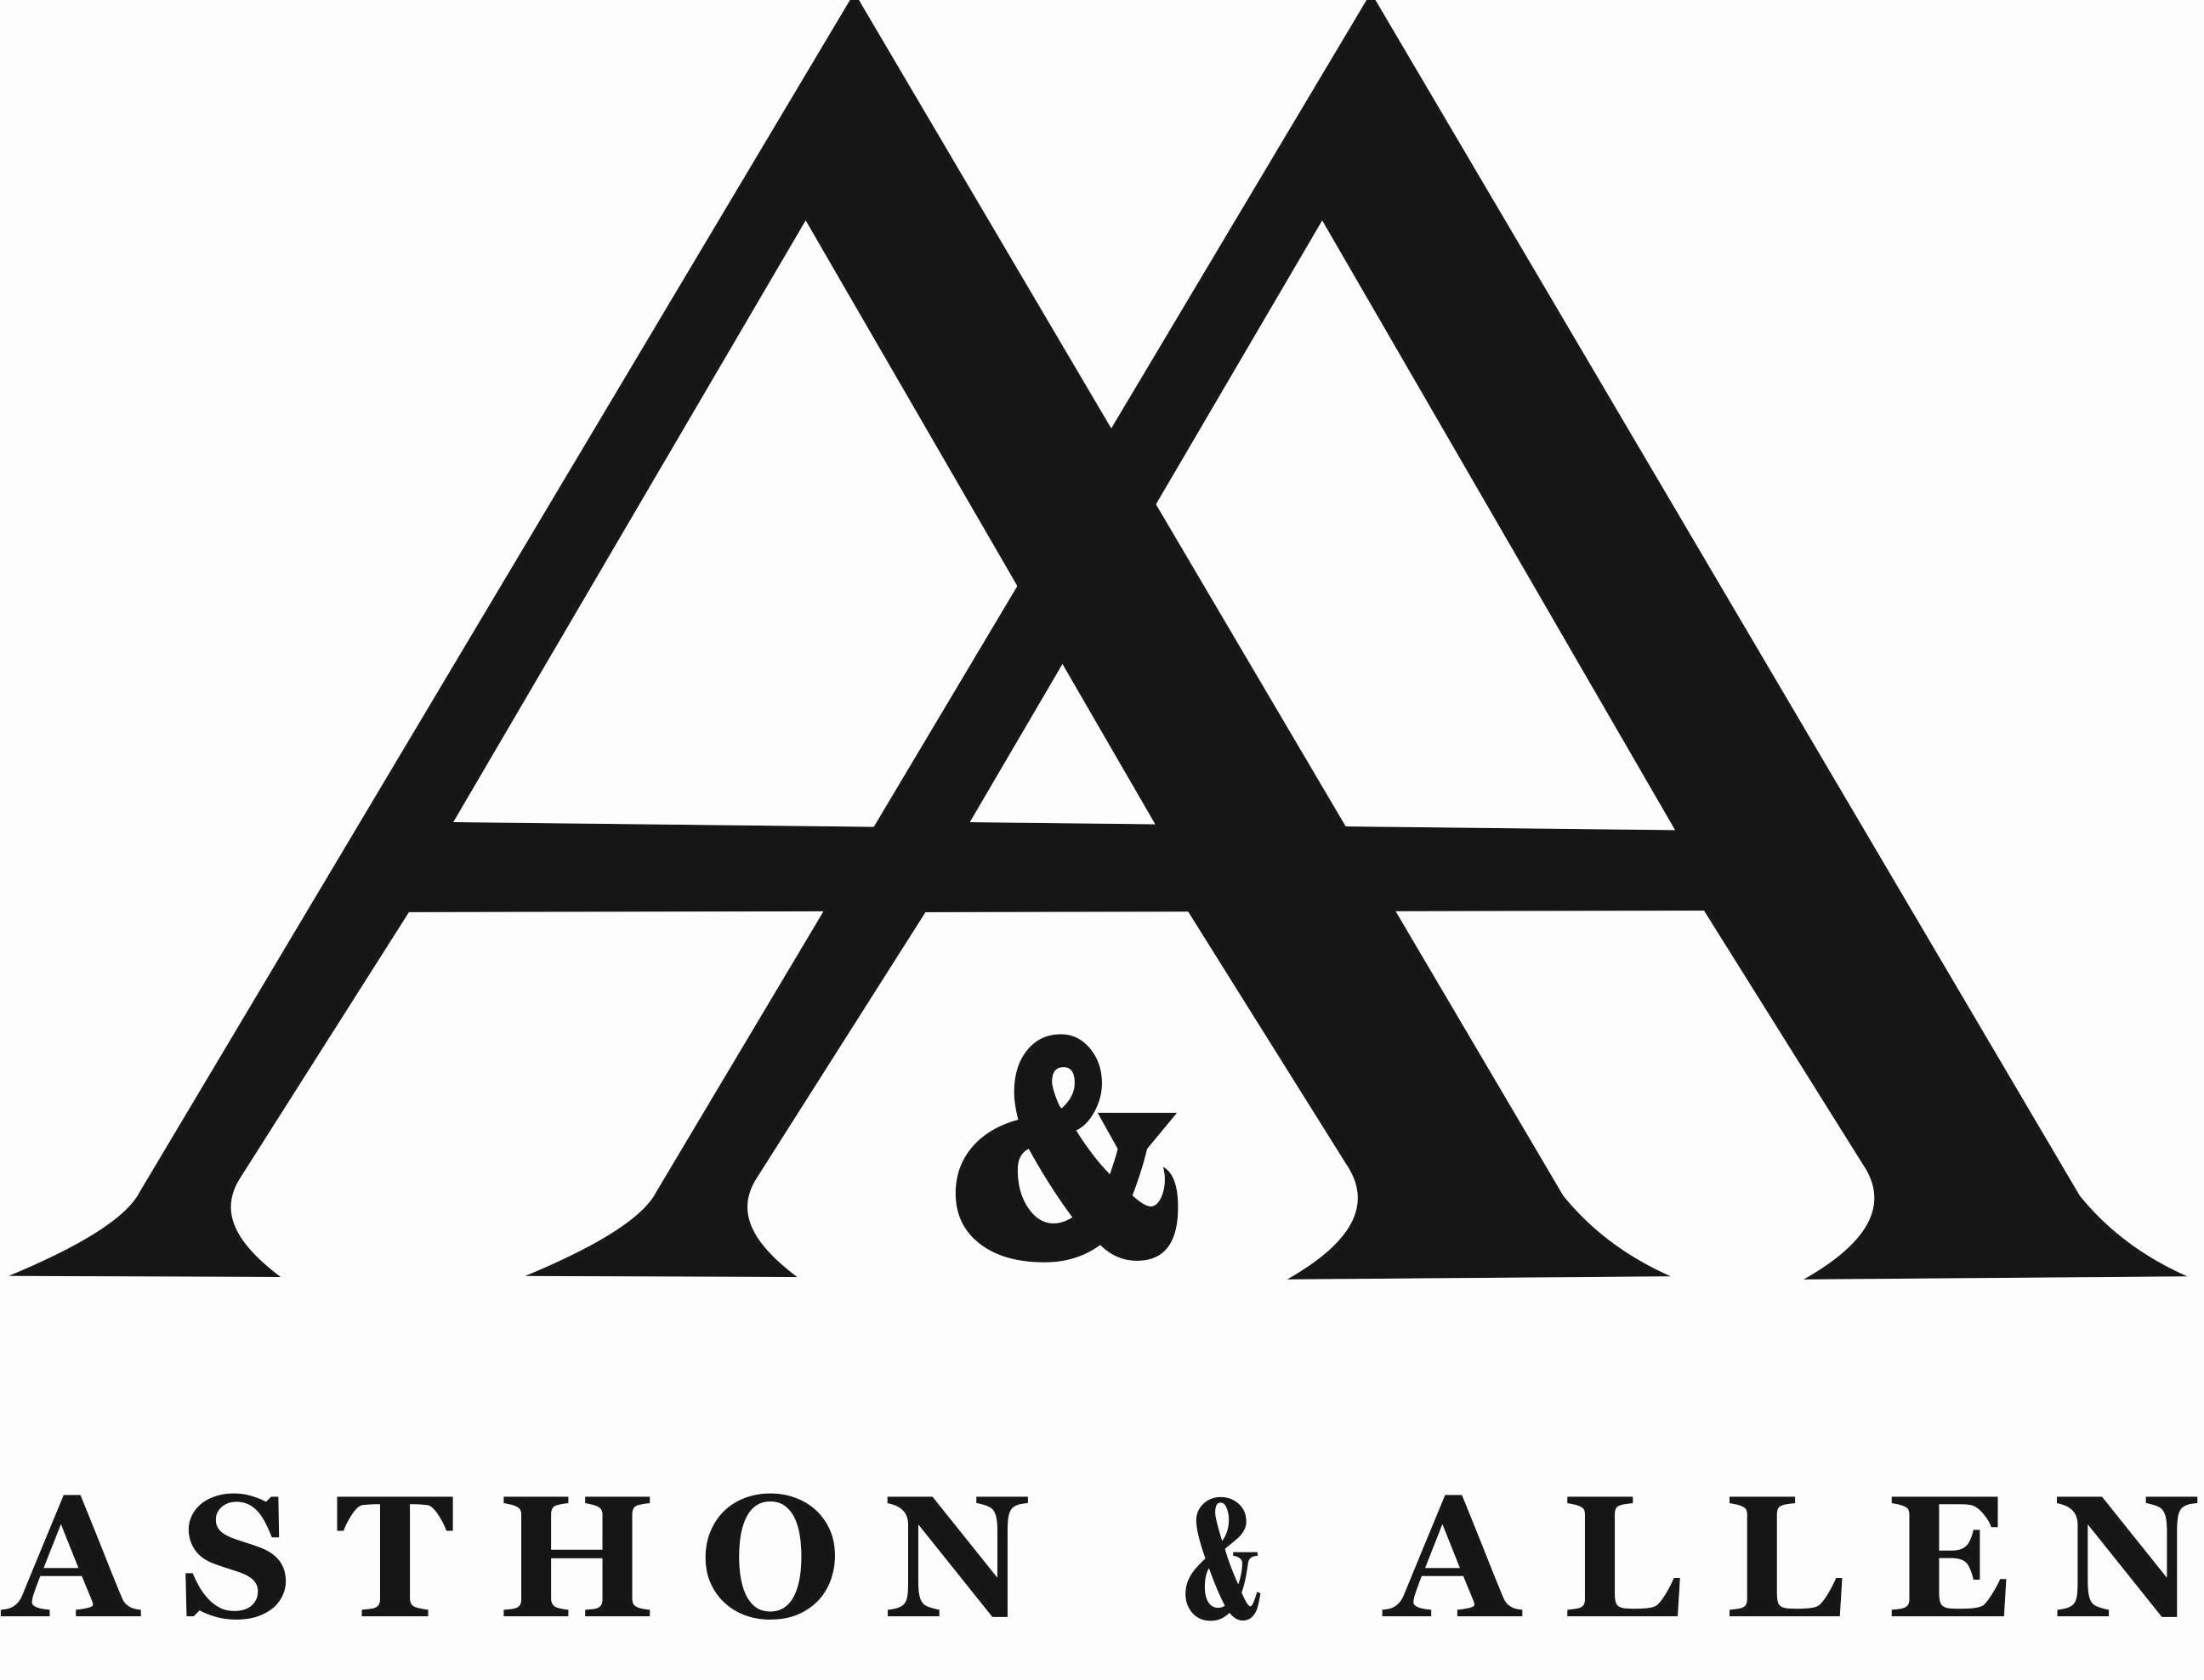 ASTHON & ALLEN